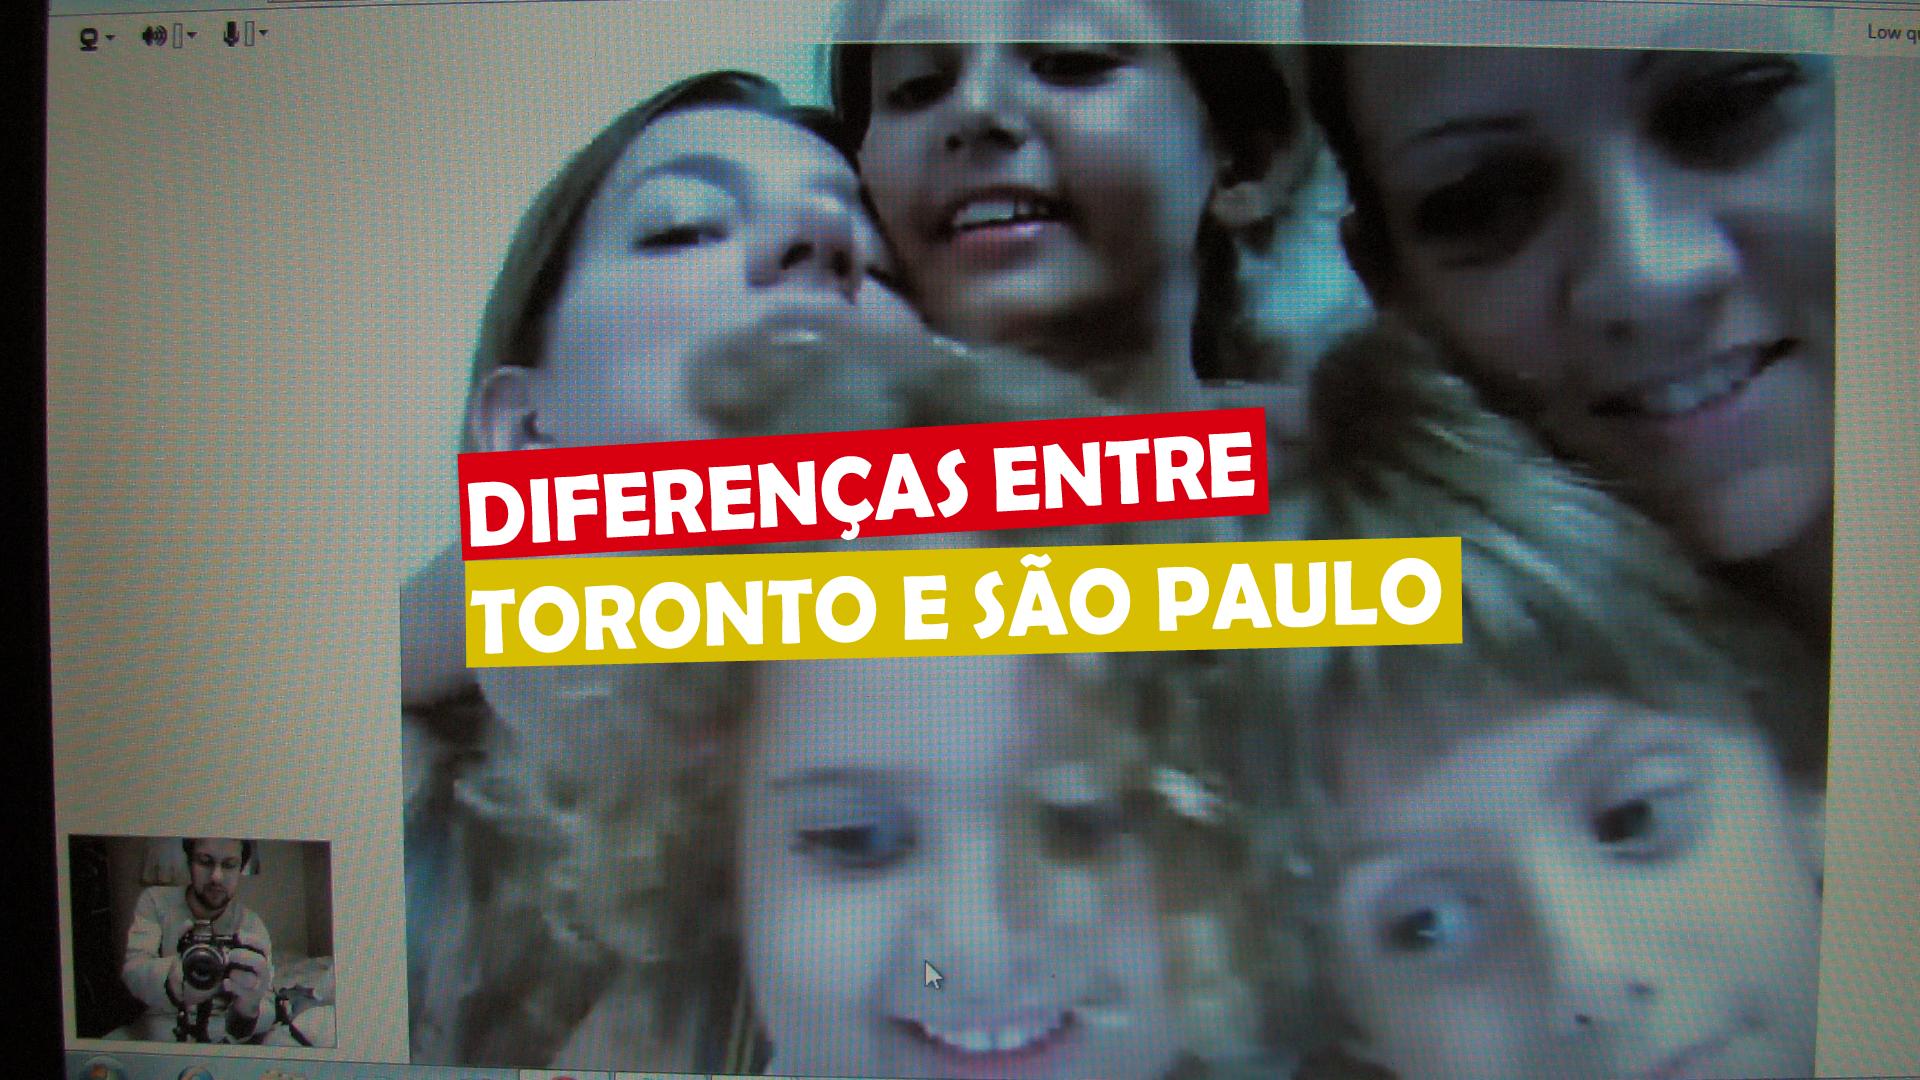 You are currently viewing Diferenças entre Toronto e São Paulo